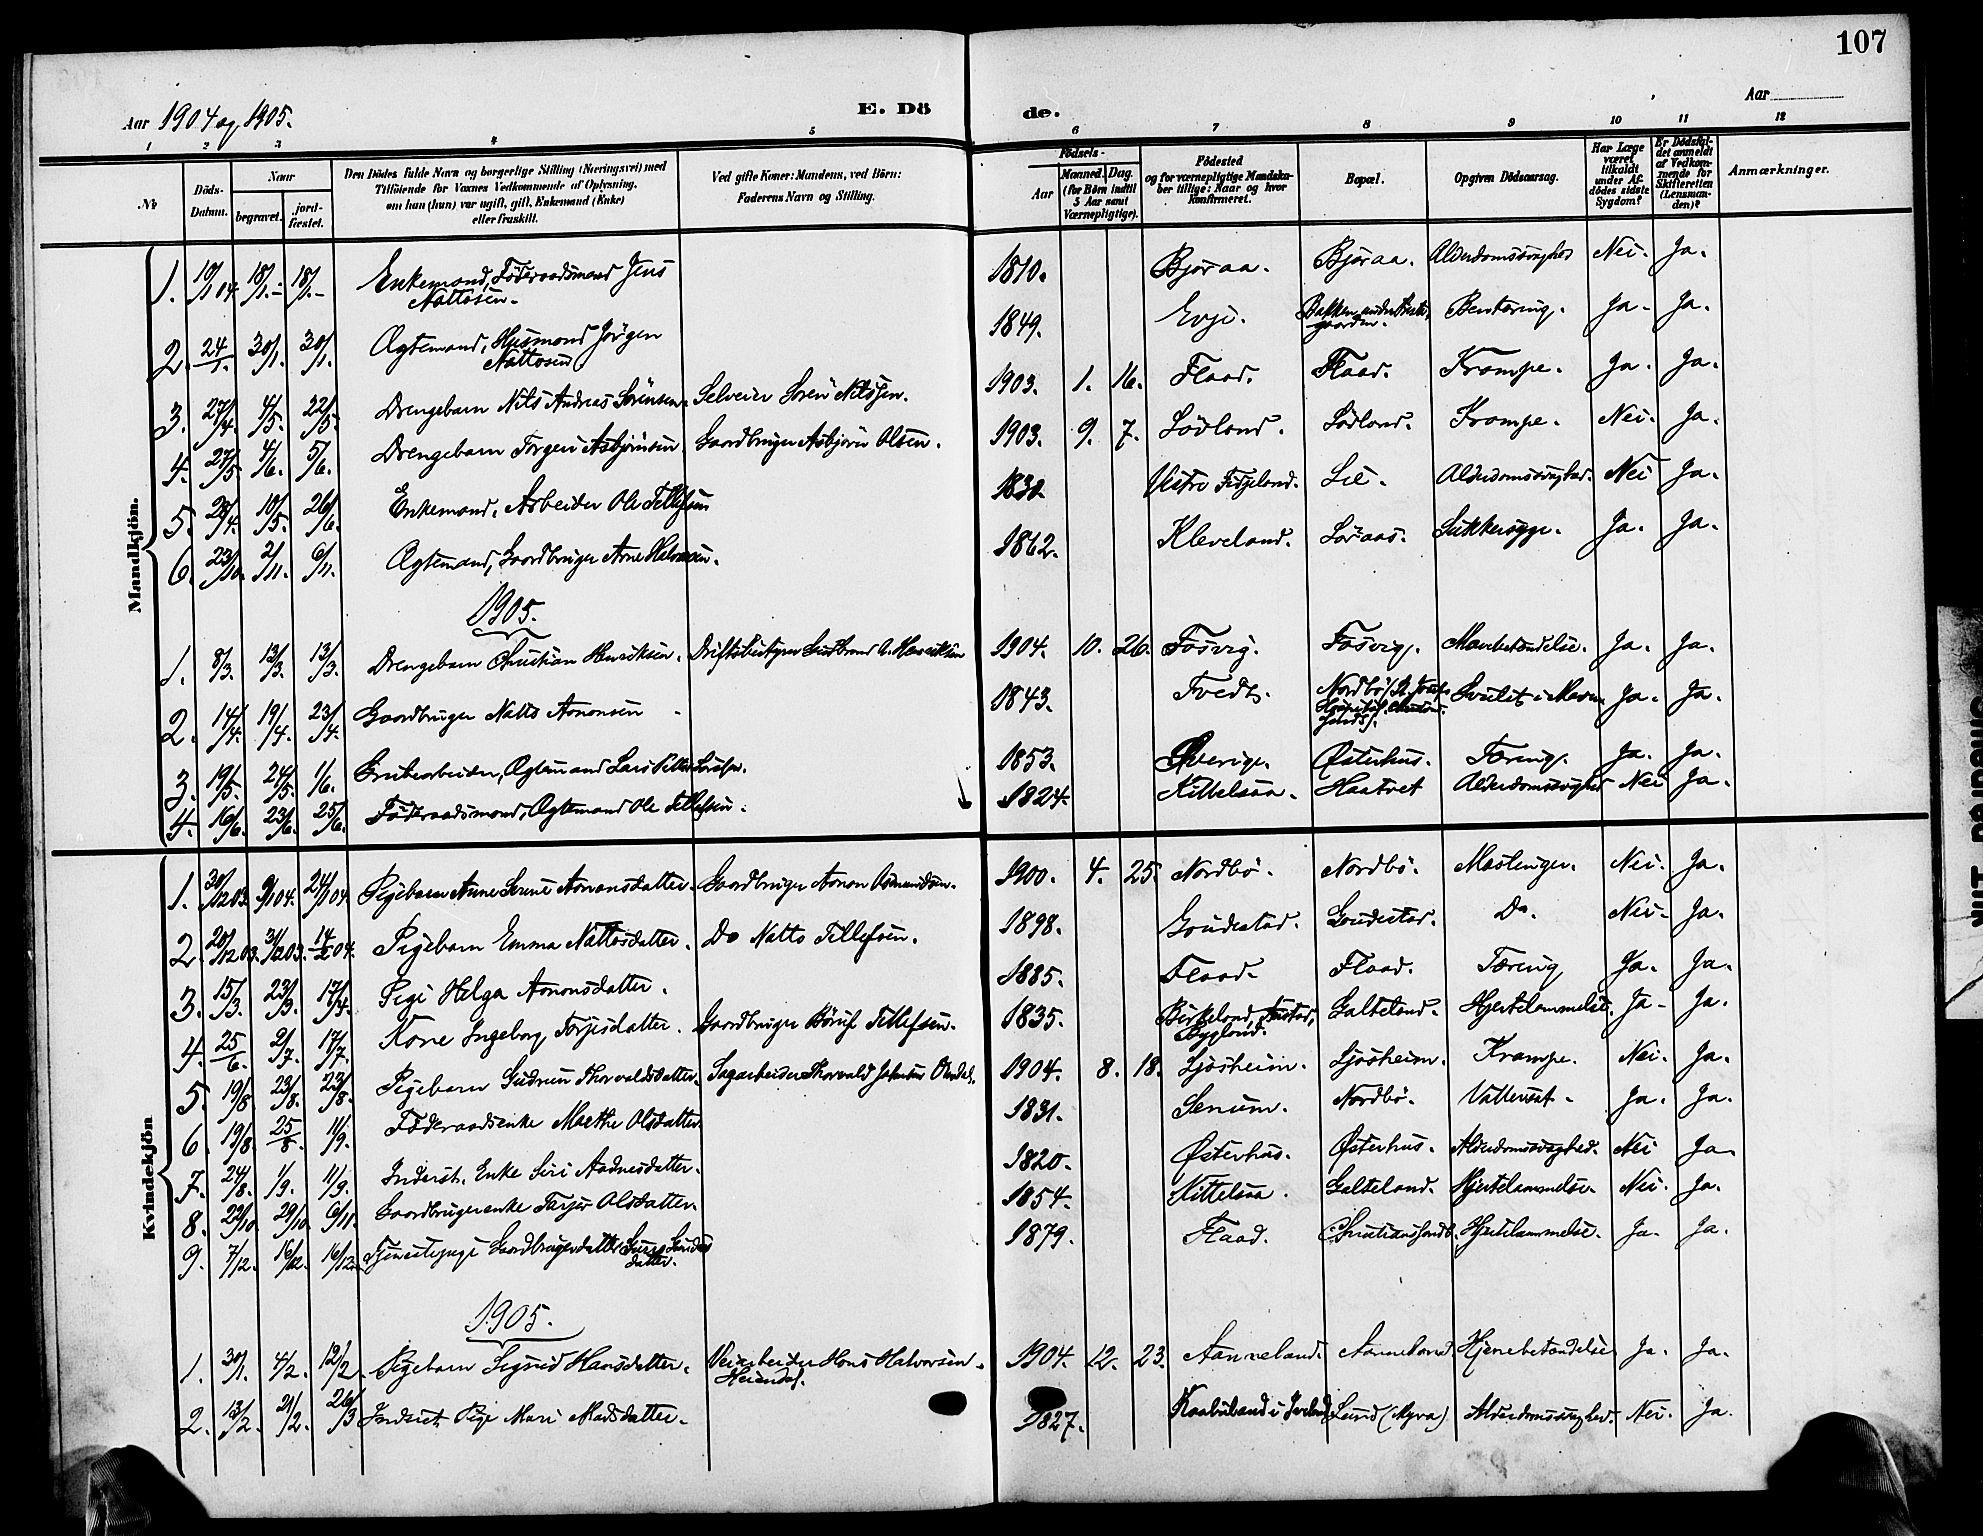 SAK, Evje sokneprestkontor, F/Fb/Fba/L0004: Klokkerbok nr. B 4, 1899-1914, s. 107